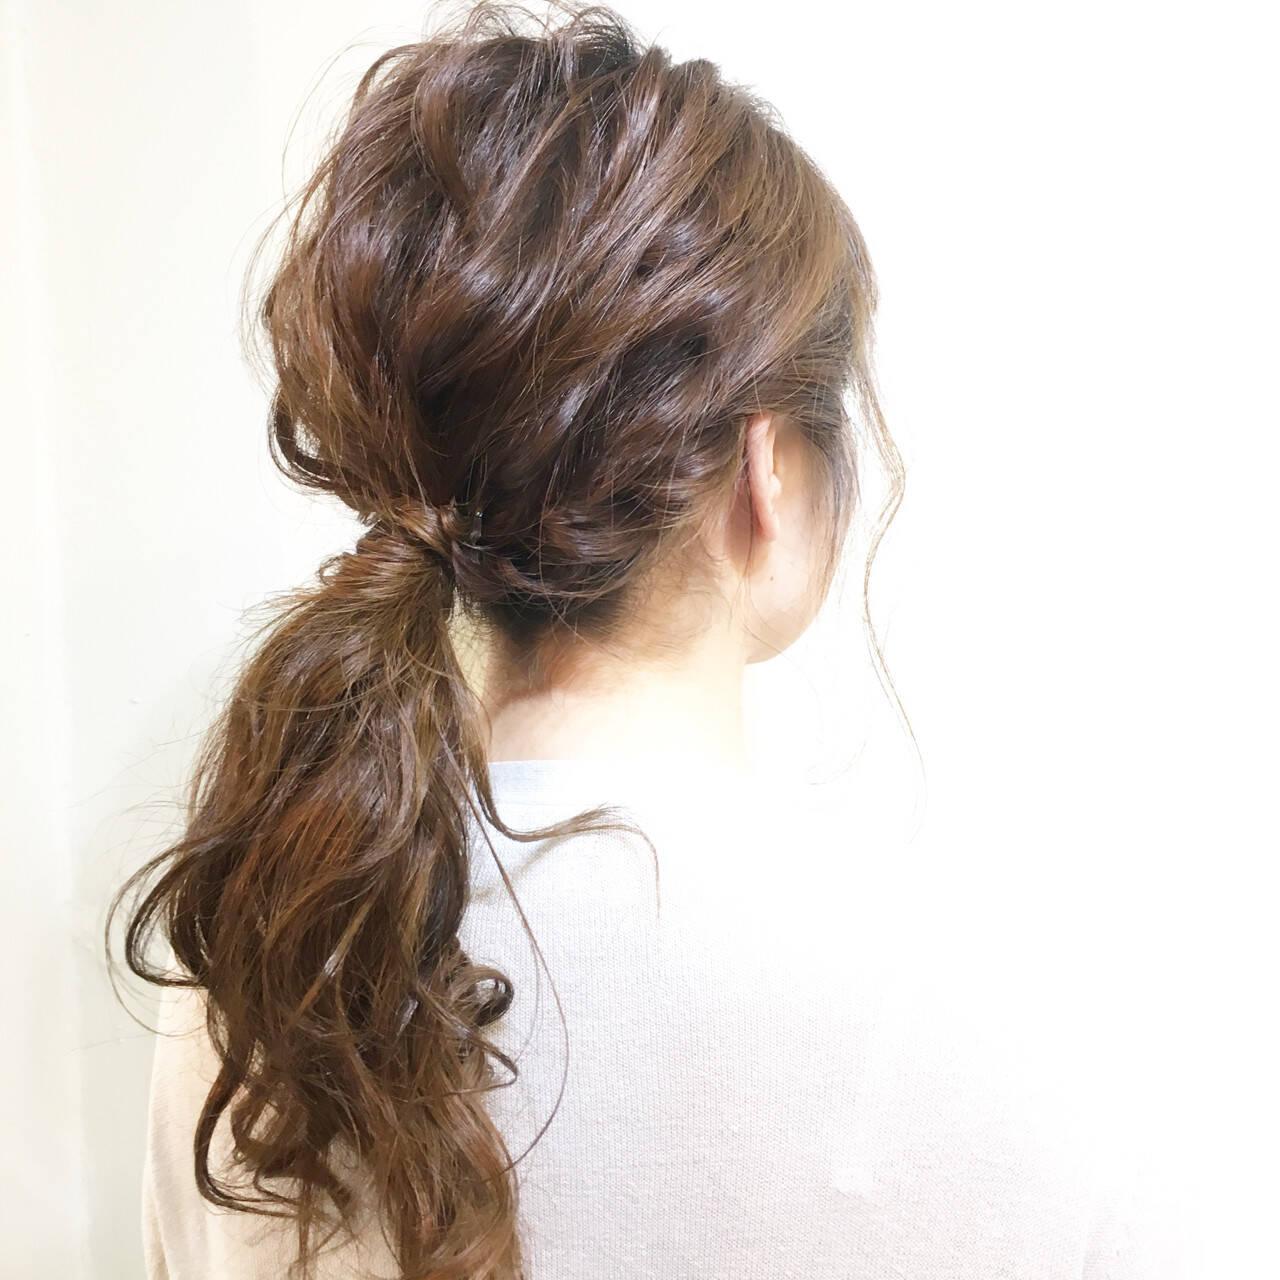 簡単ヘアアレンジ 編み込み 簡単 夏ヘアスタイルや髪型の写真・画像